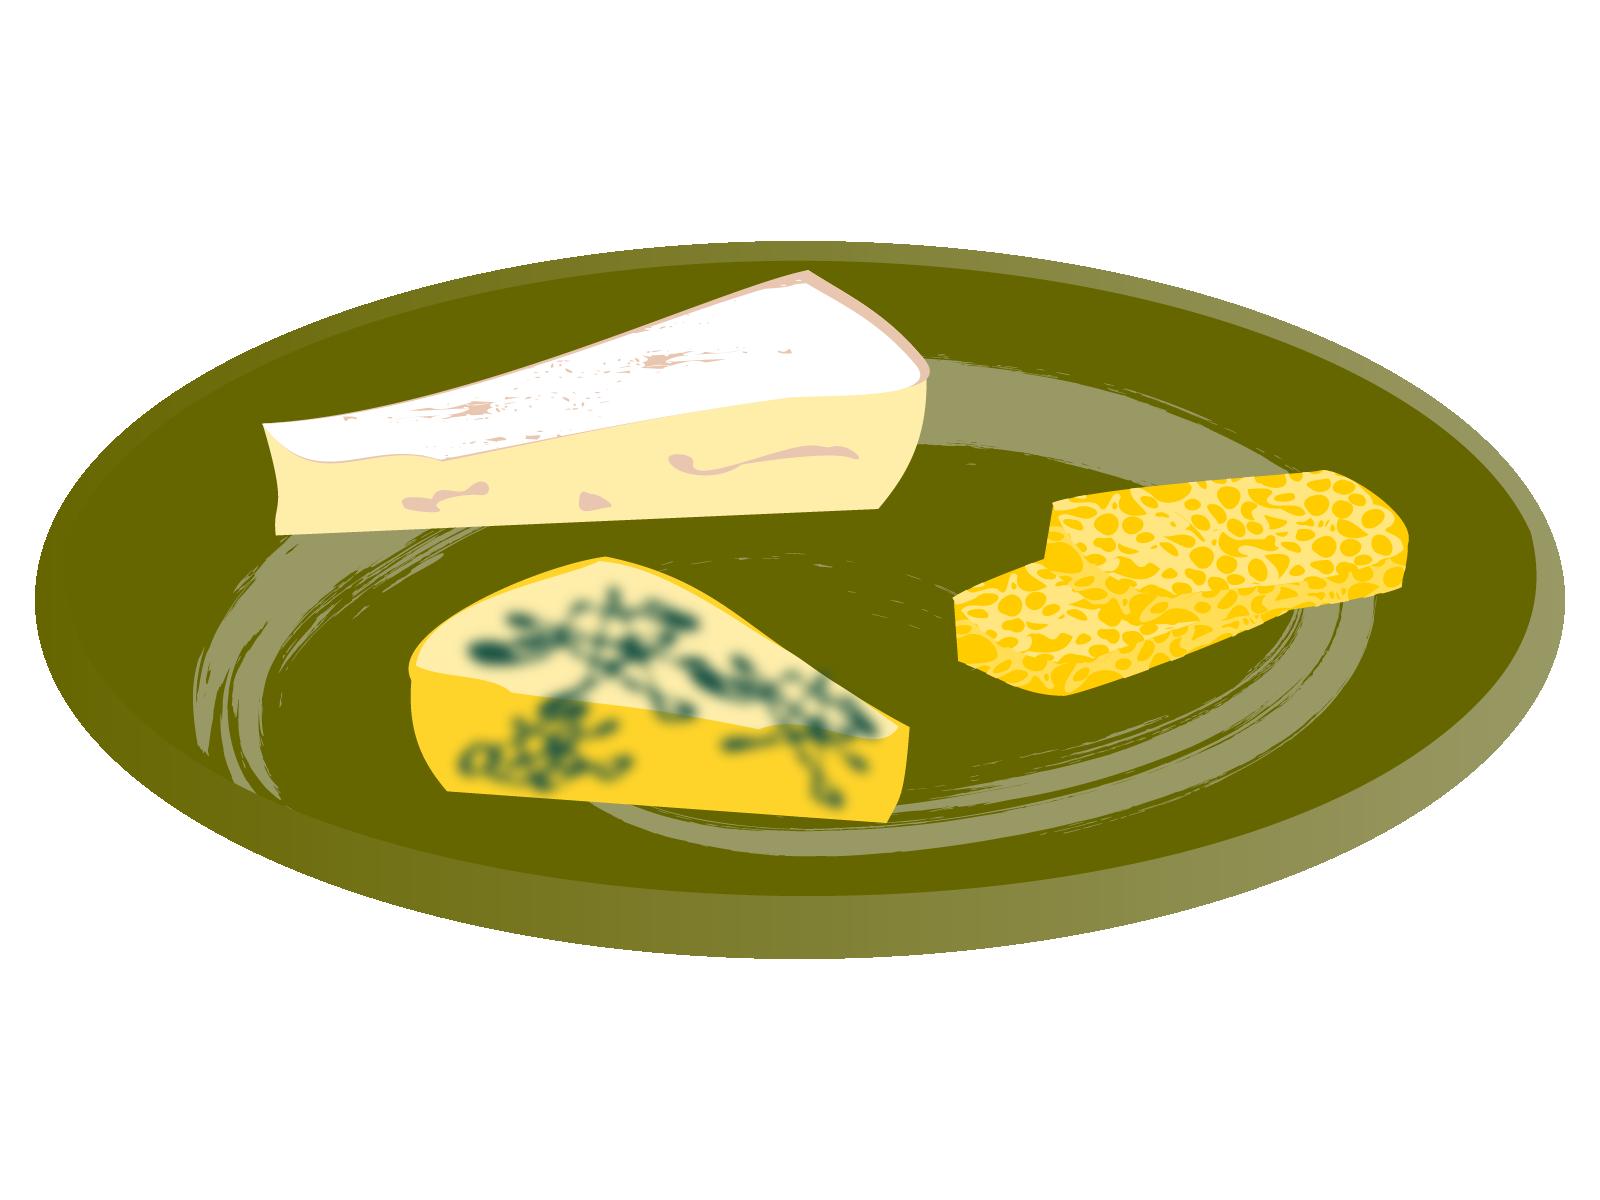 1歳半時点で様々なチーズを摂取していると、アレルギー疾患が予防できるかもしれない